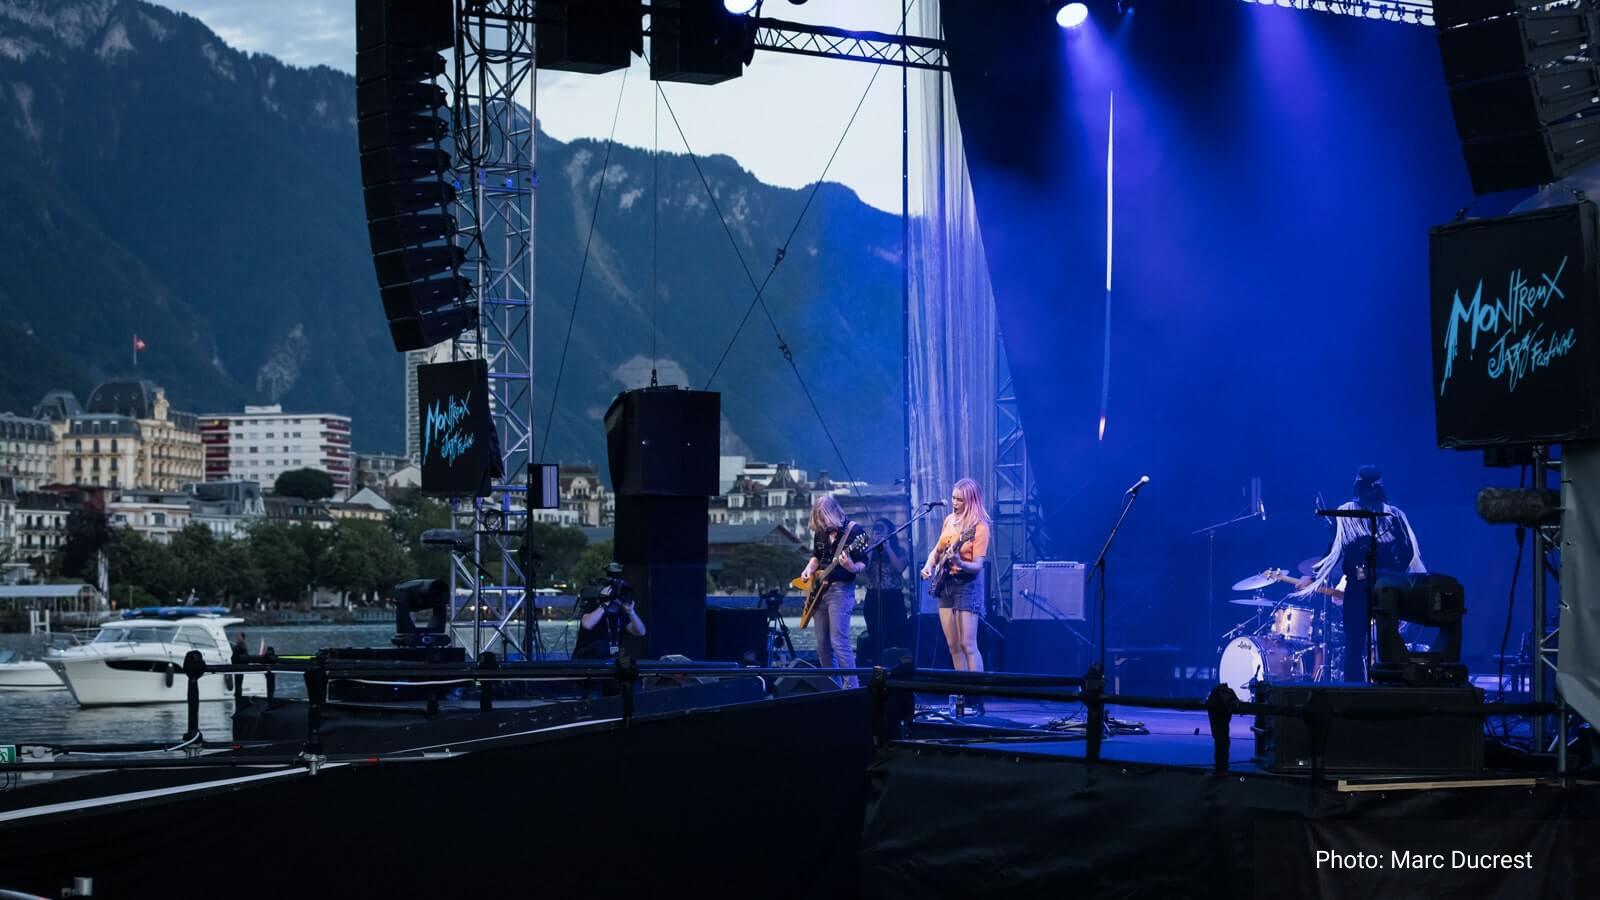 Meyer Sound возвращается в Монтрё, чтобы поддержать новый формат известного джазового фестиваля